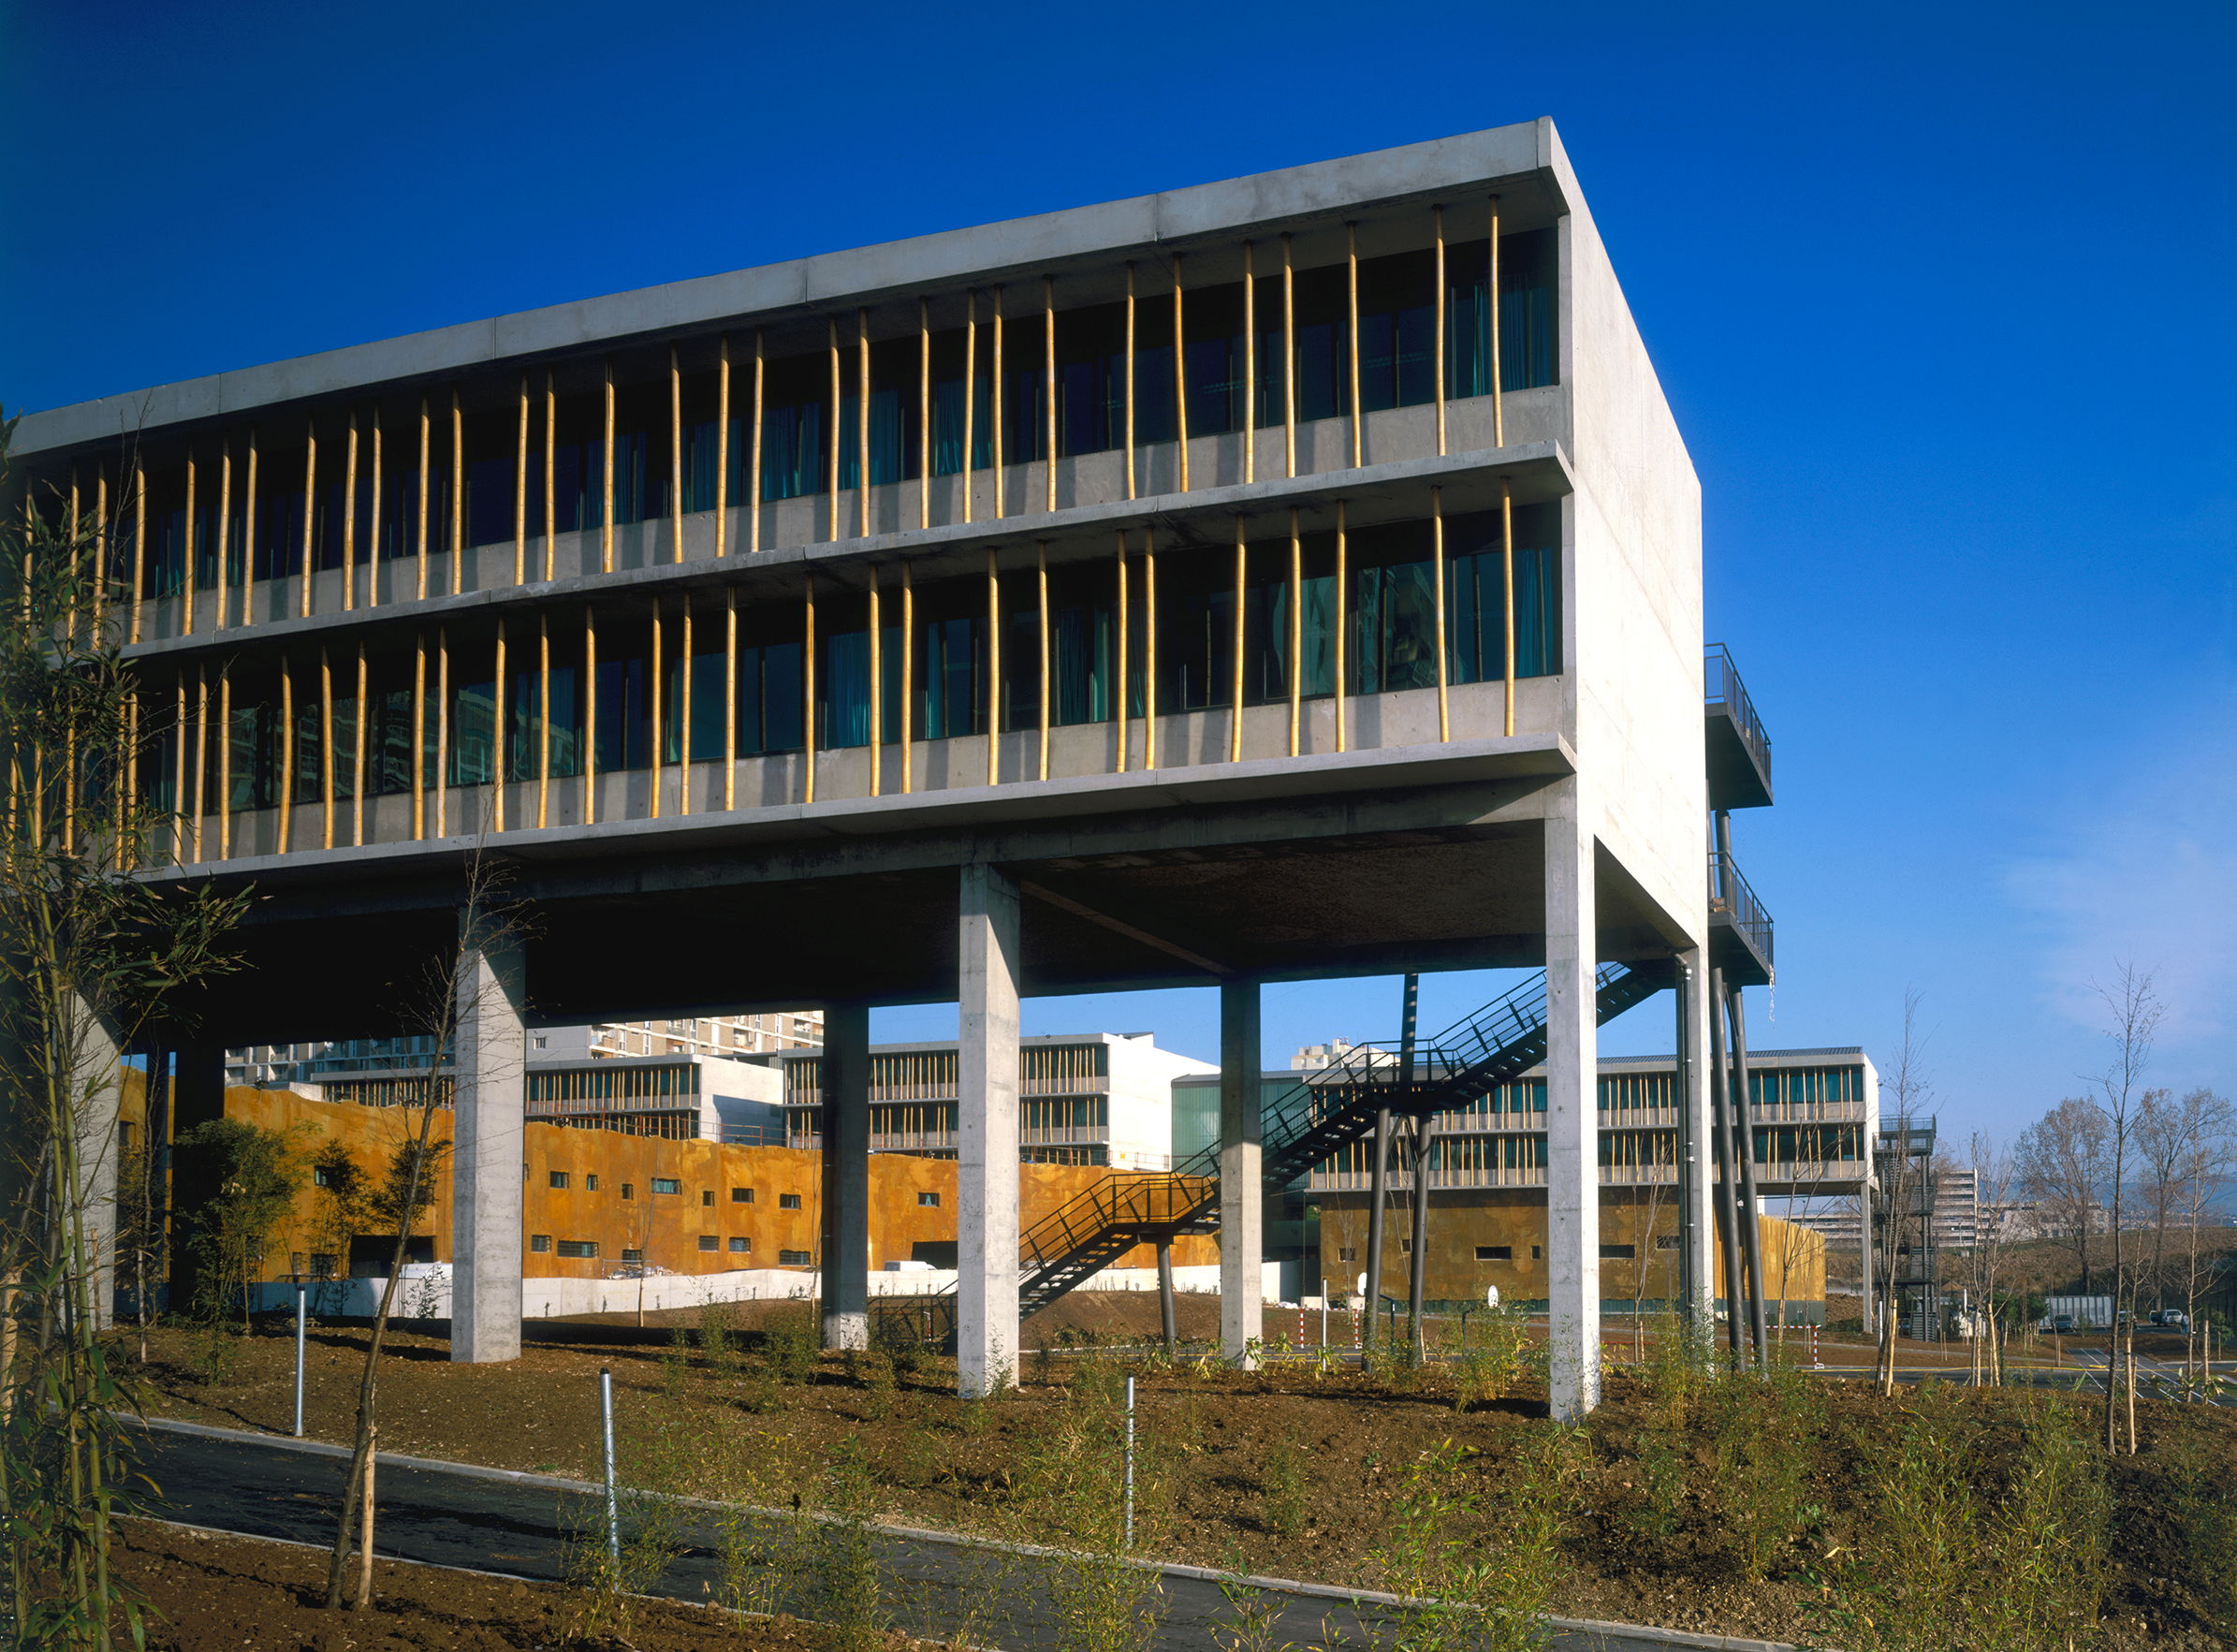 Collège Renoir Rostand 01 - Équipements Bureau - Caractère Spécial - Matthieu Poitevin Architecture